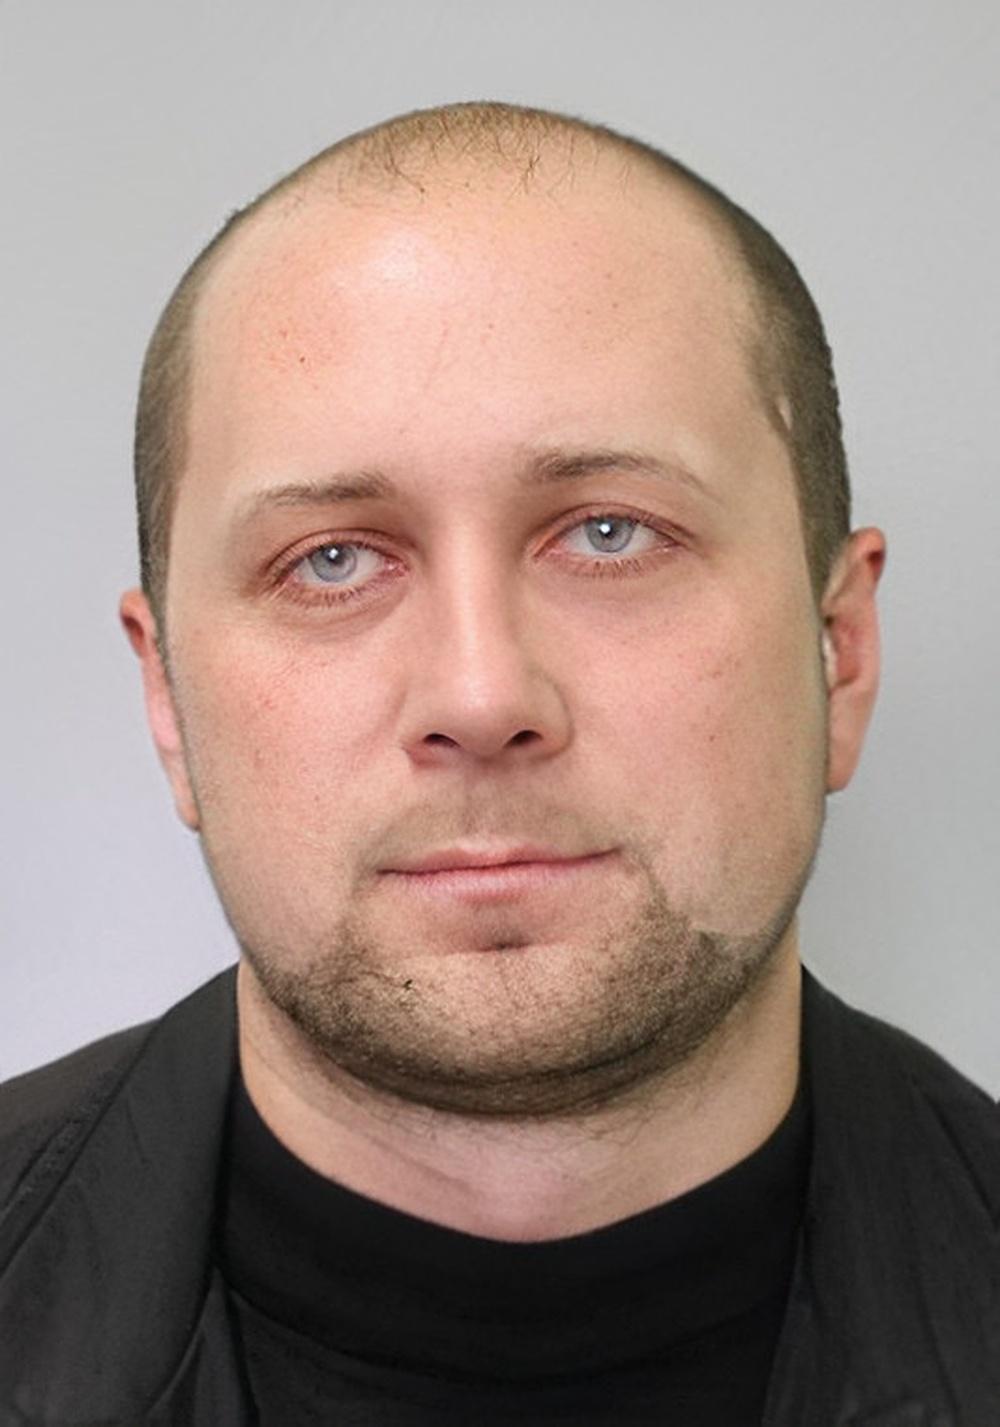 """Навальный позвонил """"одному из отравителей"""" – тот подтвердил операцию спецслужб РФ: видео"""